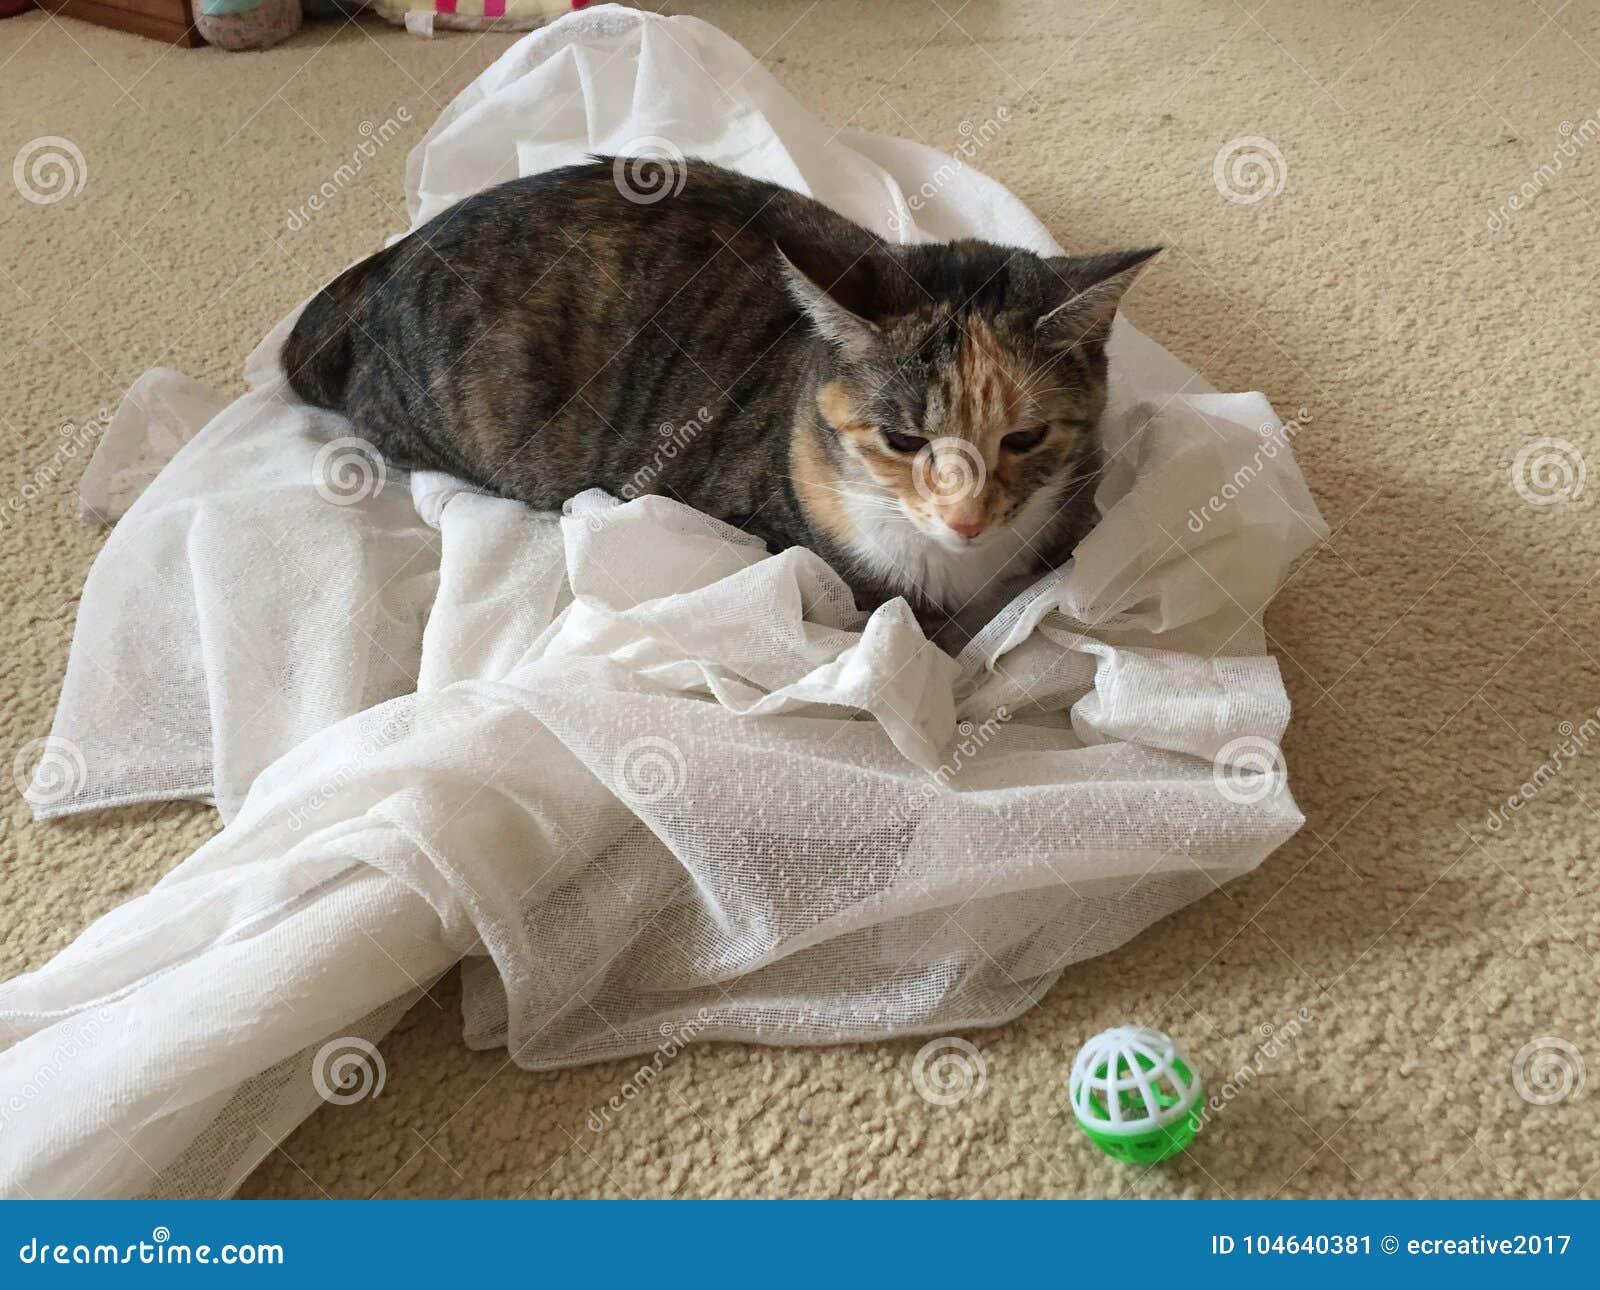 Download Katten En Nylon Gordijnen Binnenlands Ontwerp Stock Afbeelding - Afbeelding bestaande uit ontwerp, katten: 104640381